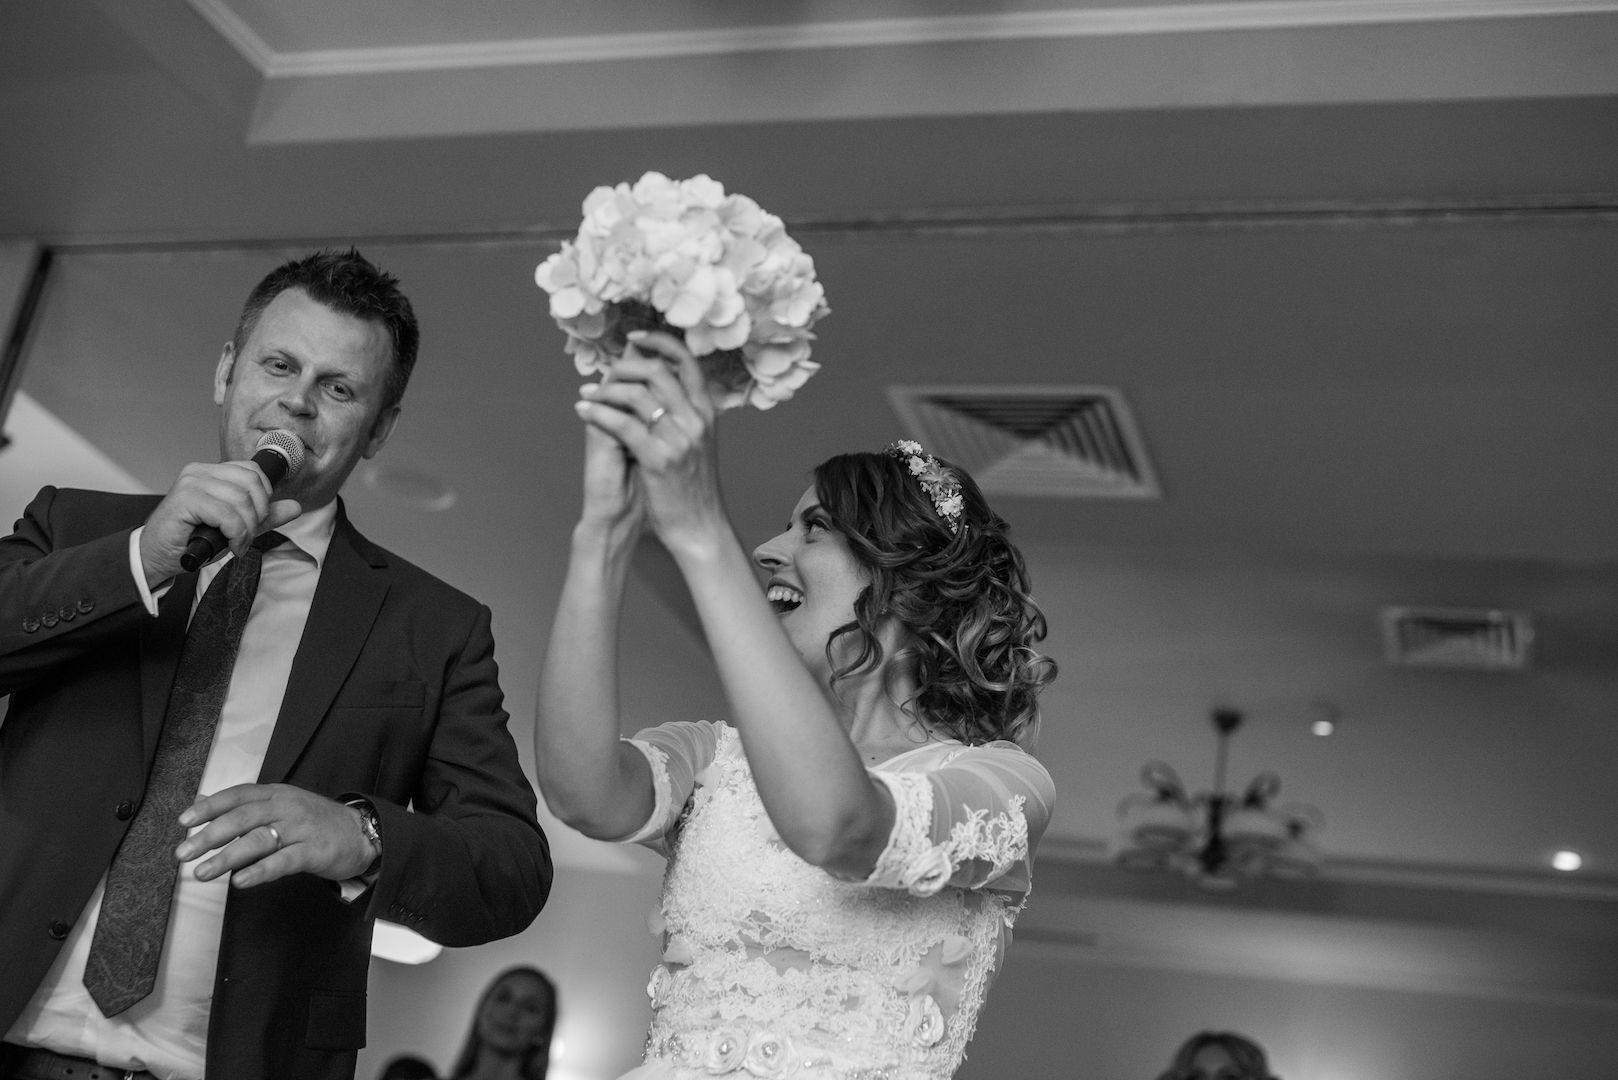 Sfaturi utile nunta- https://mariuschiorean.ro/blog-nunta/sfaturi-idei-nunta